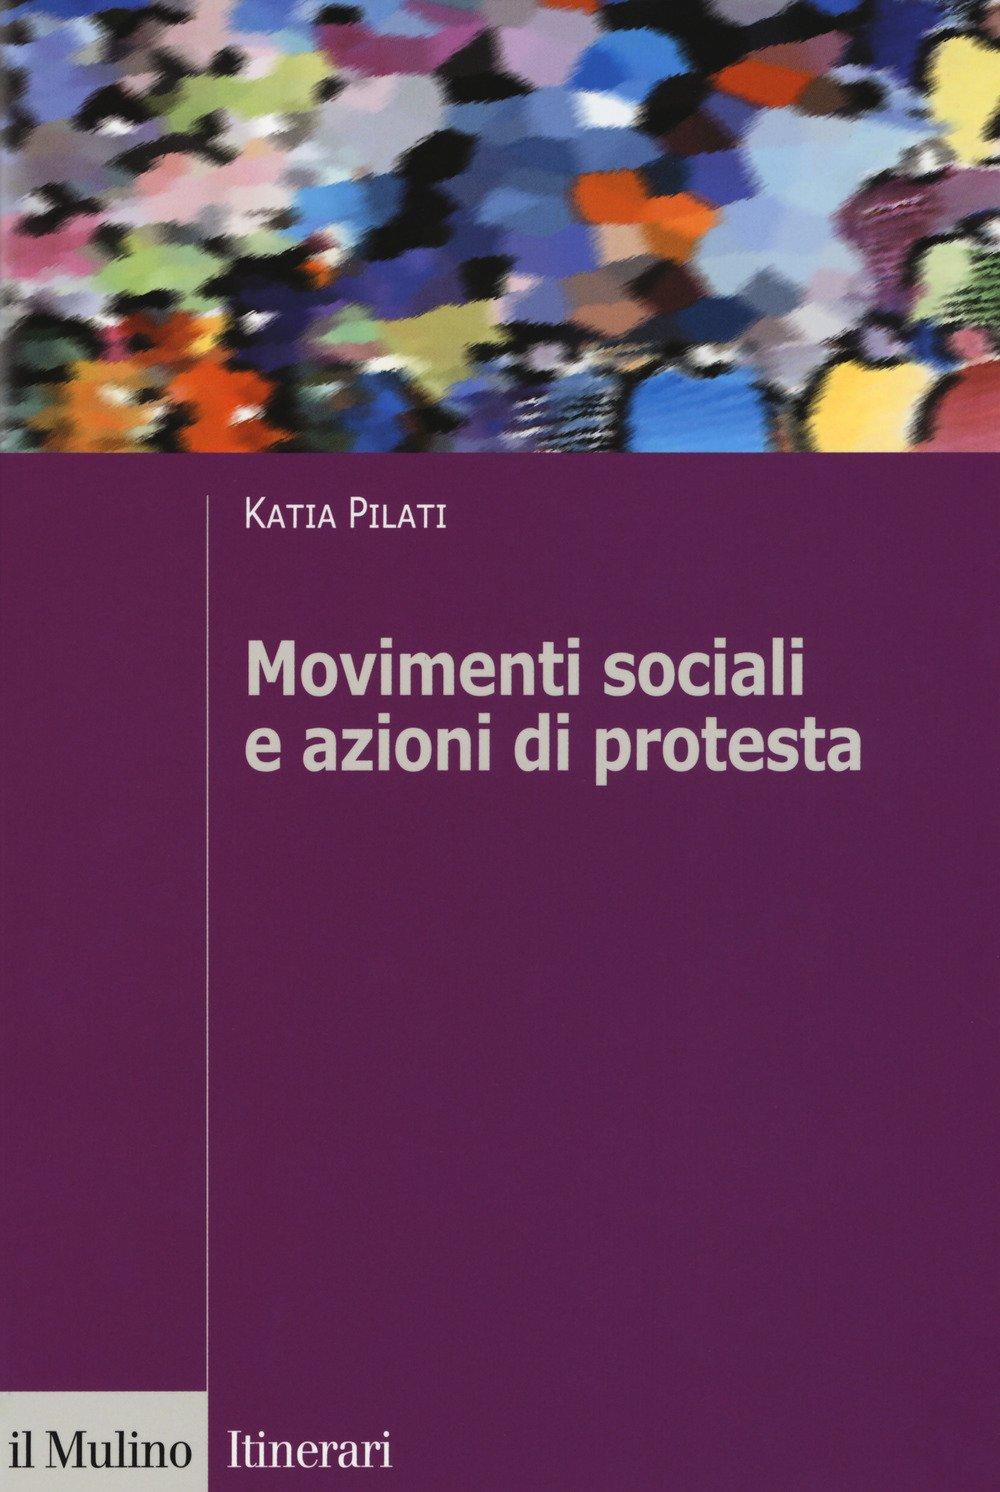 Movimenti sociali e azioni di protesta